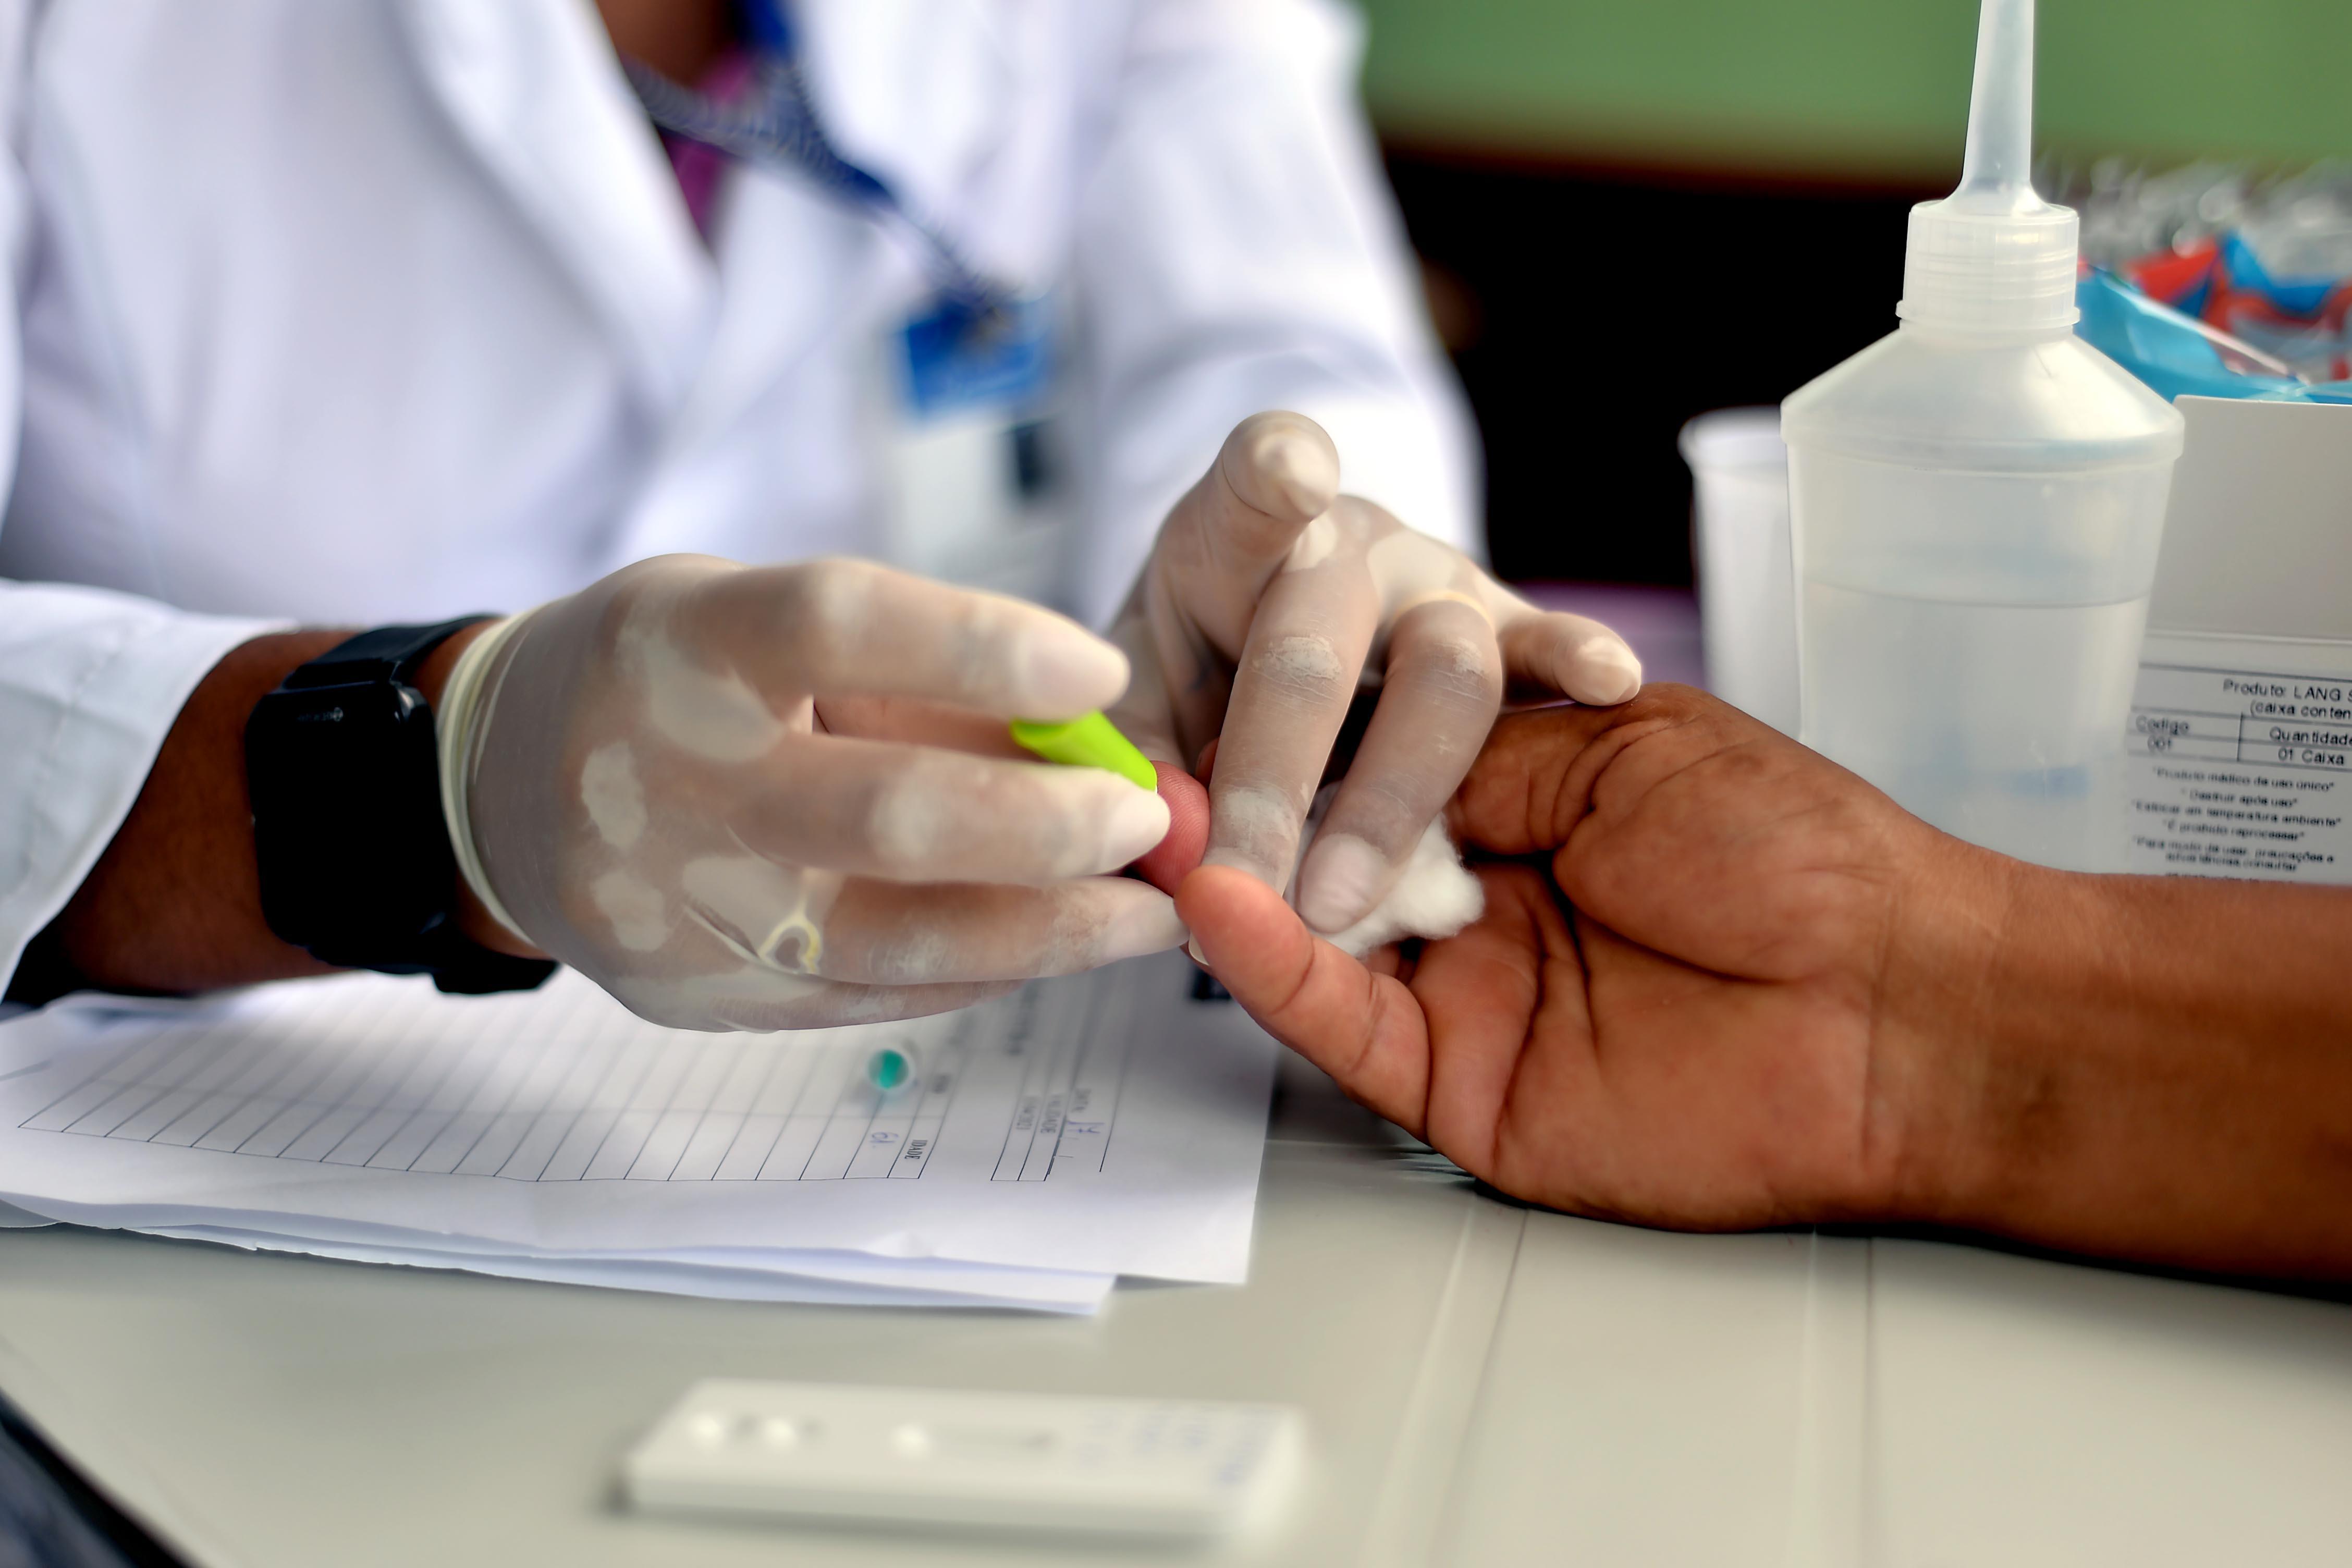 Testes rápidos identificam 202 casos de coronavírus em seis bairros